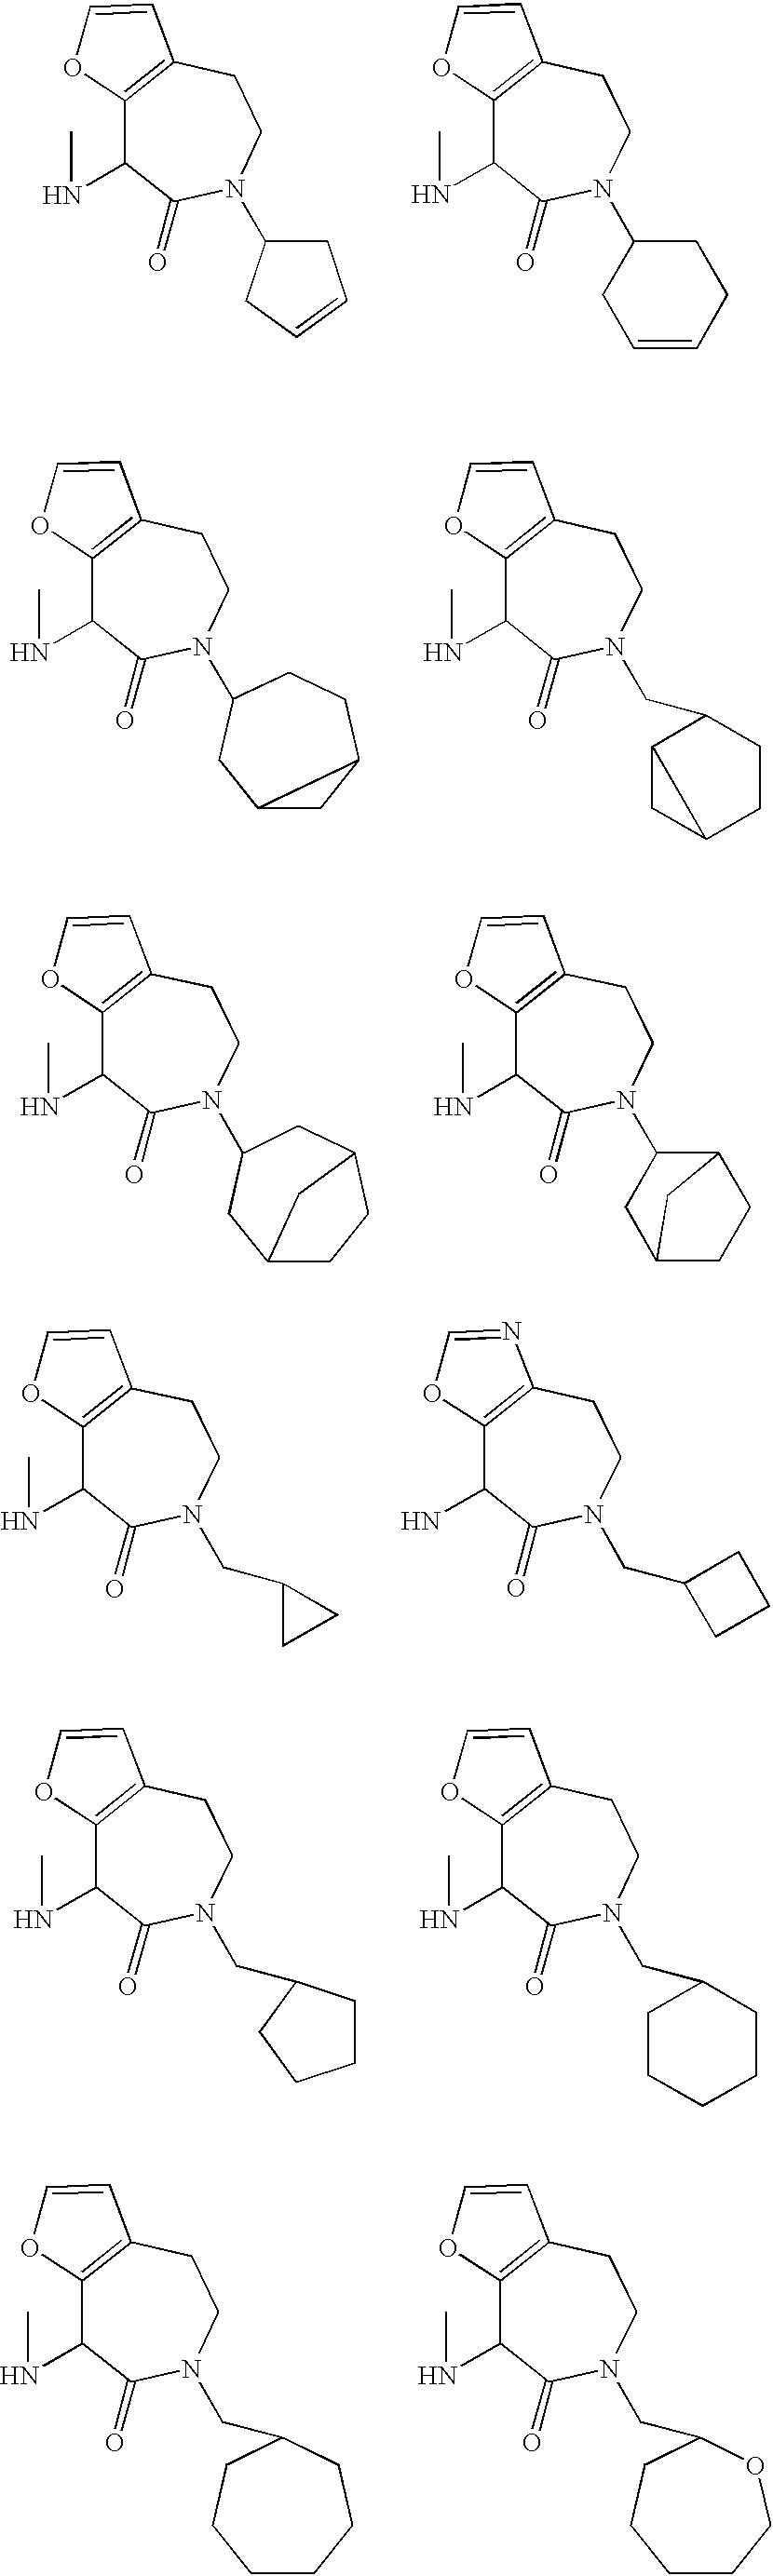 Figure US06509331-20030121-C00077